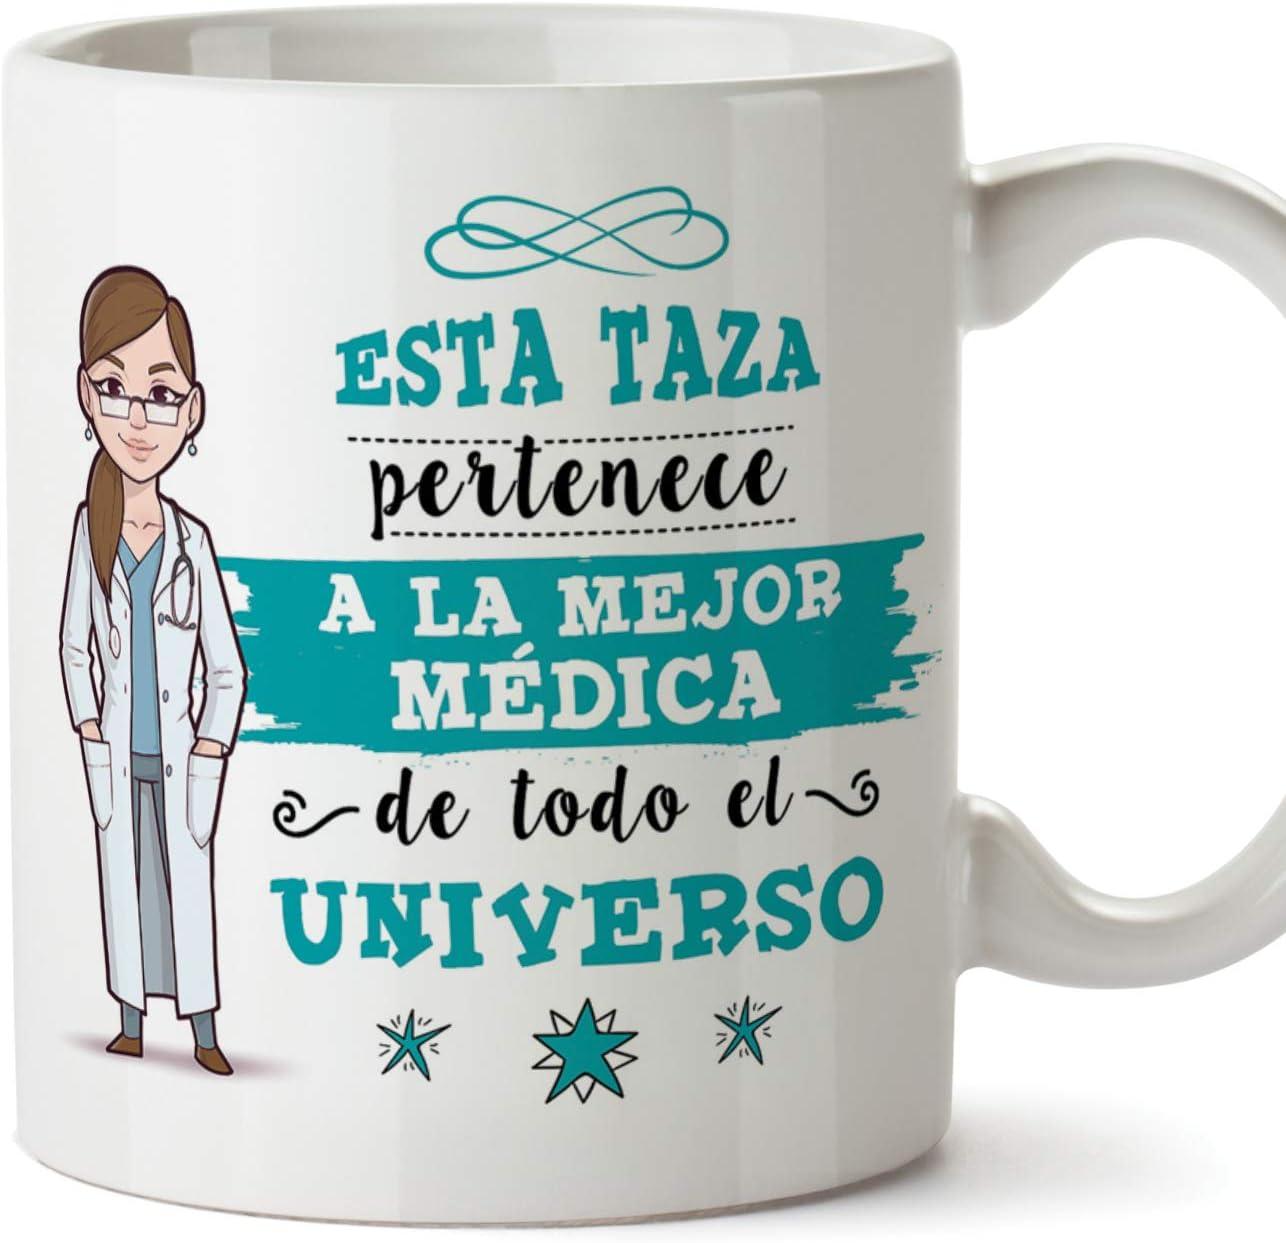 MUGFFINS Médica Tazas Originales de café y Desayuno para Regalar a Trabajadores Profesionales - Esta Taza Pertenece a la Mejor Médica del Universo